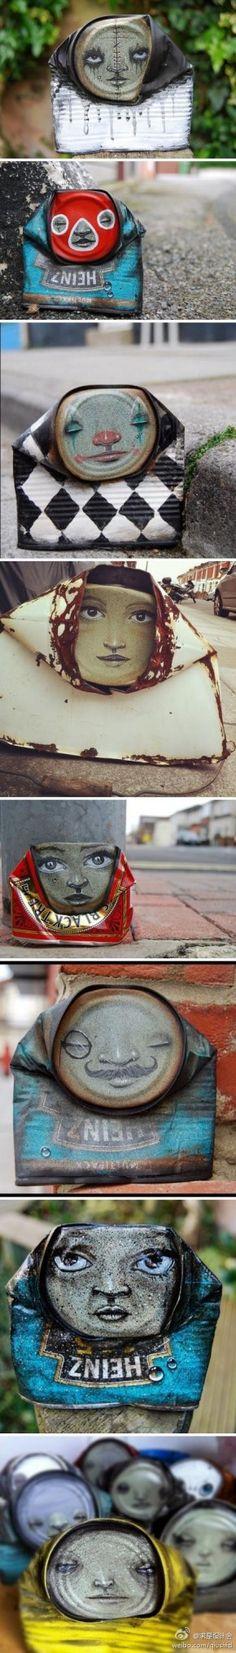 blikken kunst